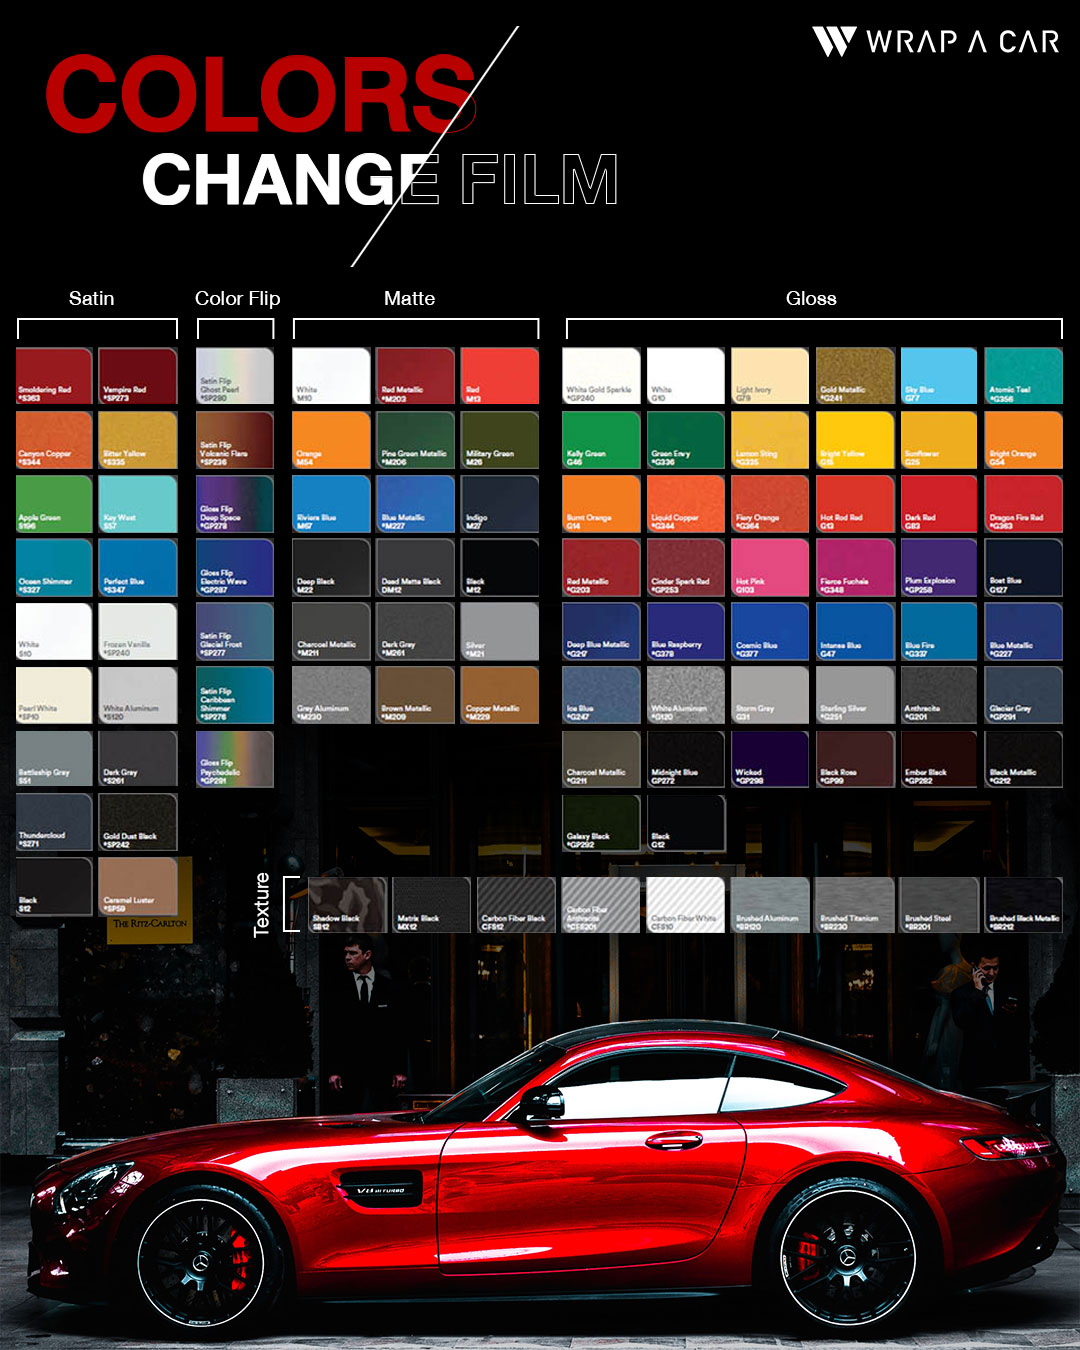 เปลี่ยนสีรถด้วยการแรป ตัวเลือกสีที่มากกว่าที่ WRAP A CAR